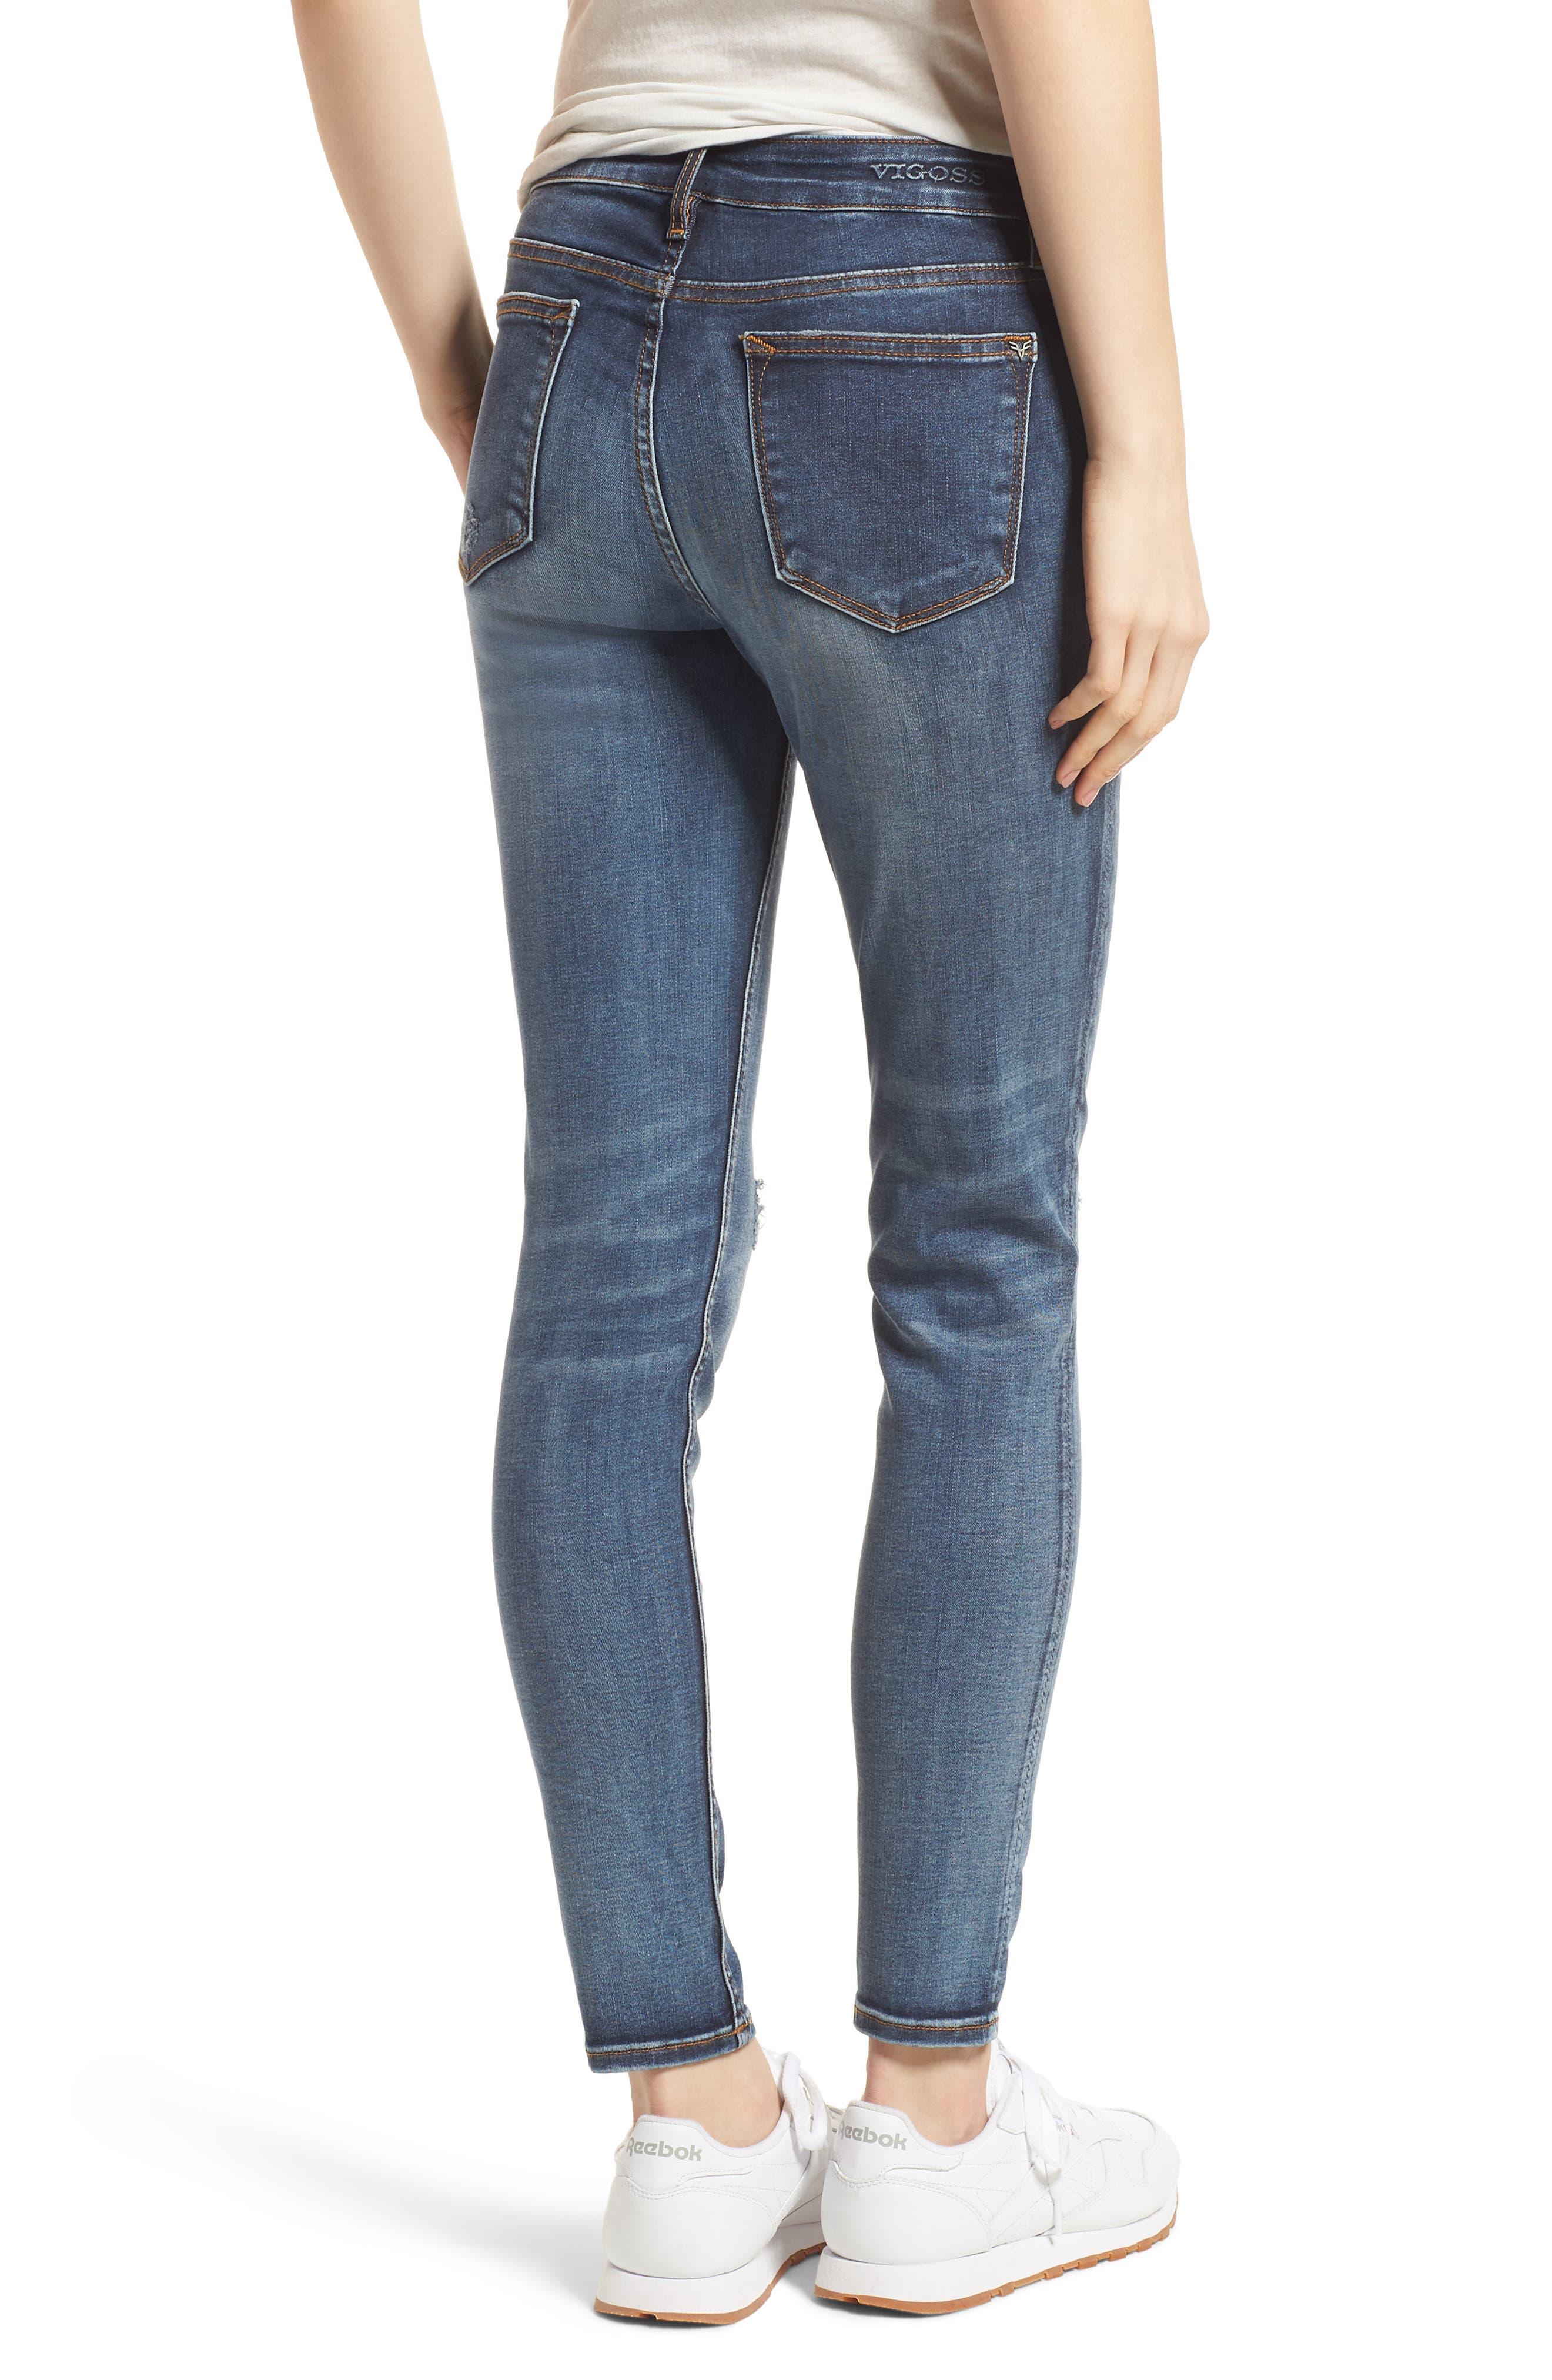 Alternate Image 2  - Vigoss Jagger Ripped Skinny Jeans